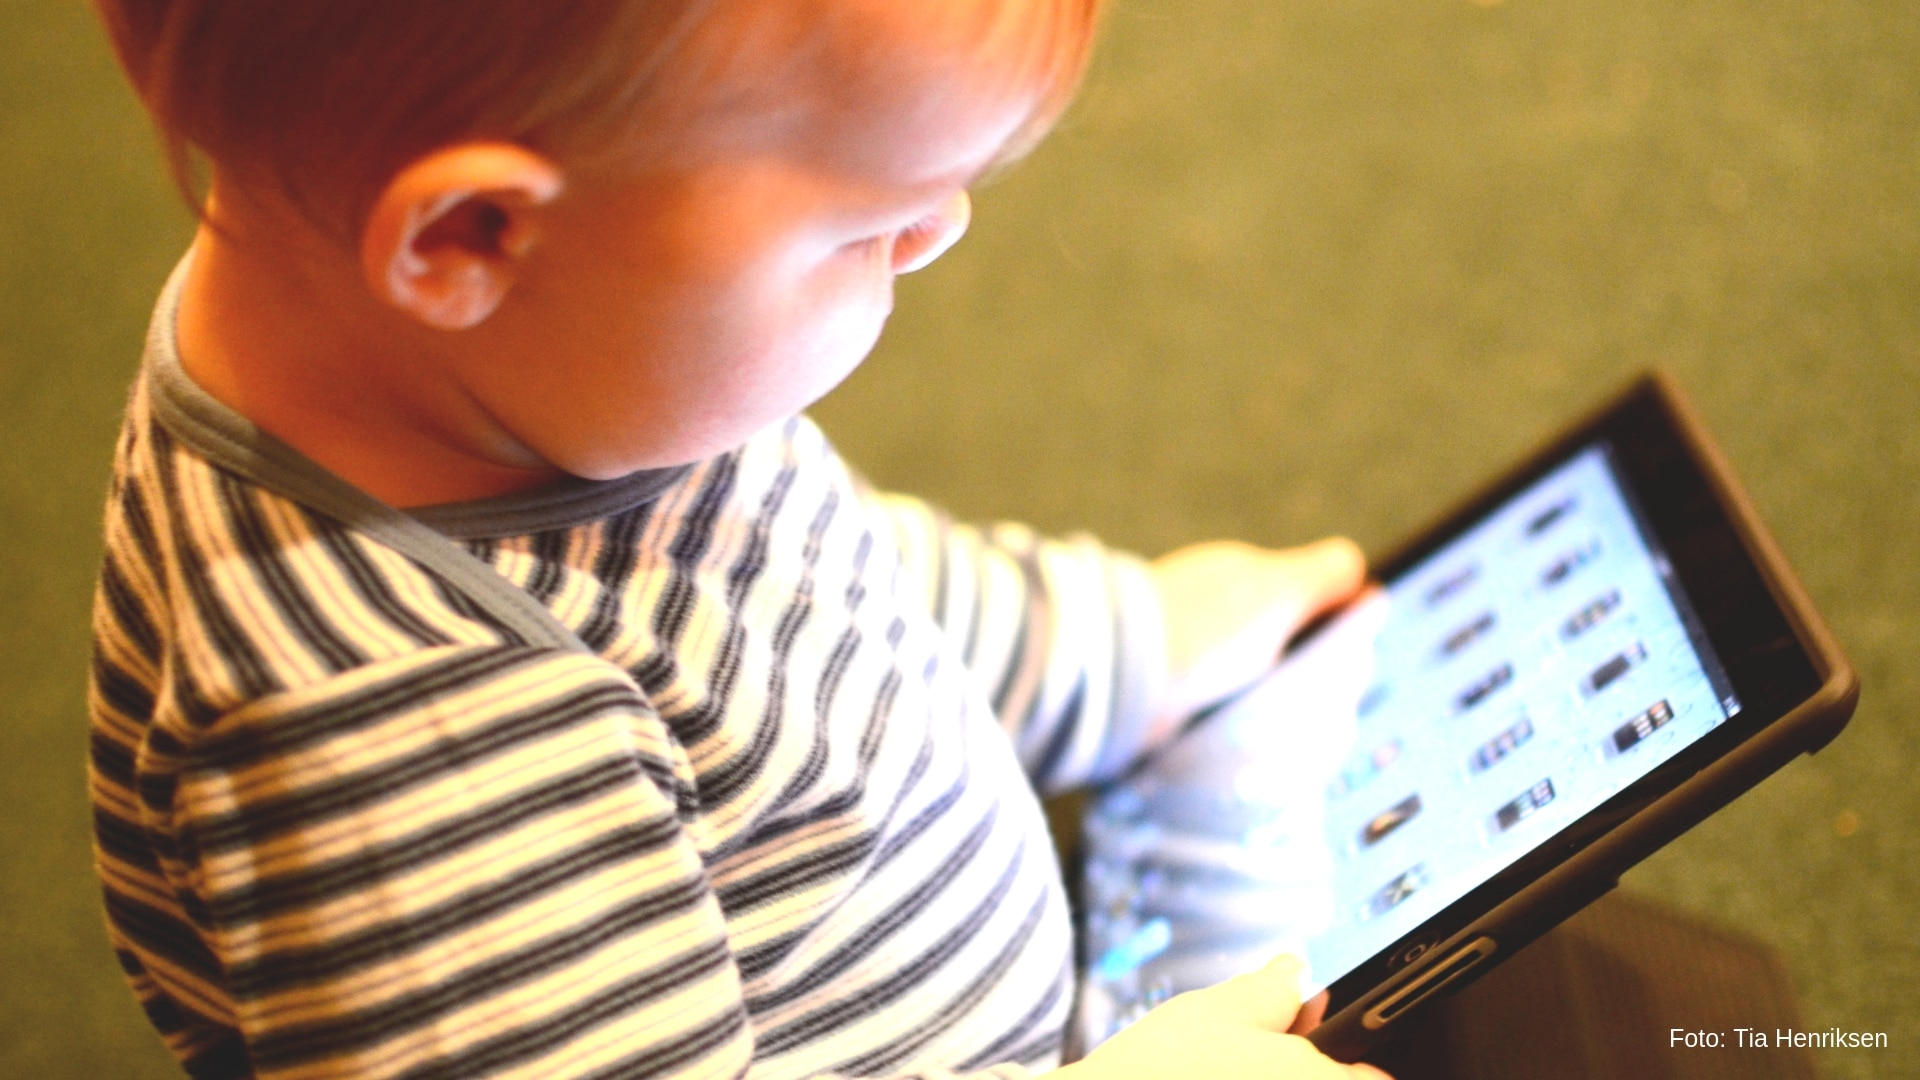 Ulla Dyrløv, Få styr på dit barns digitale verden, guide, det gode onlineliv, digitale børn, digital opdragelse, små børn iPads